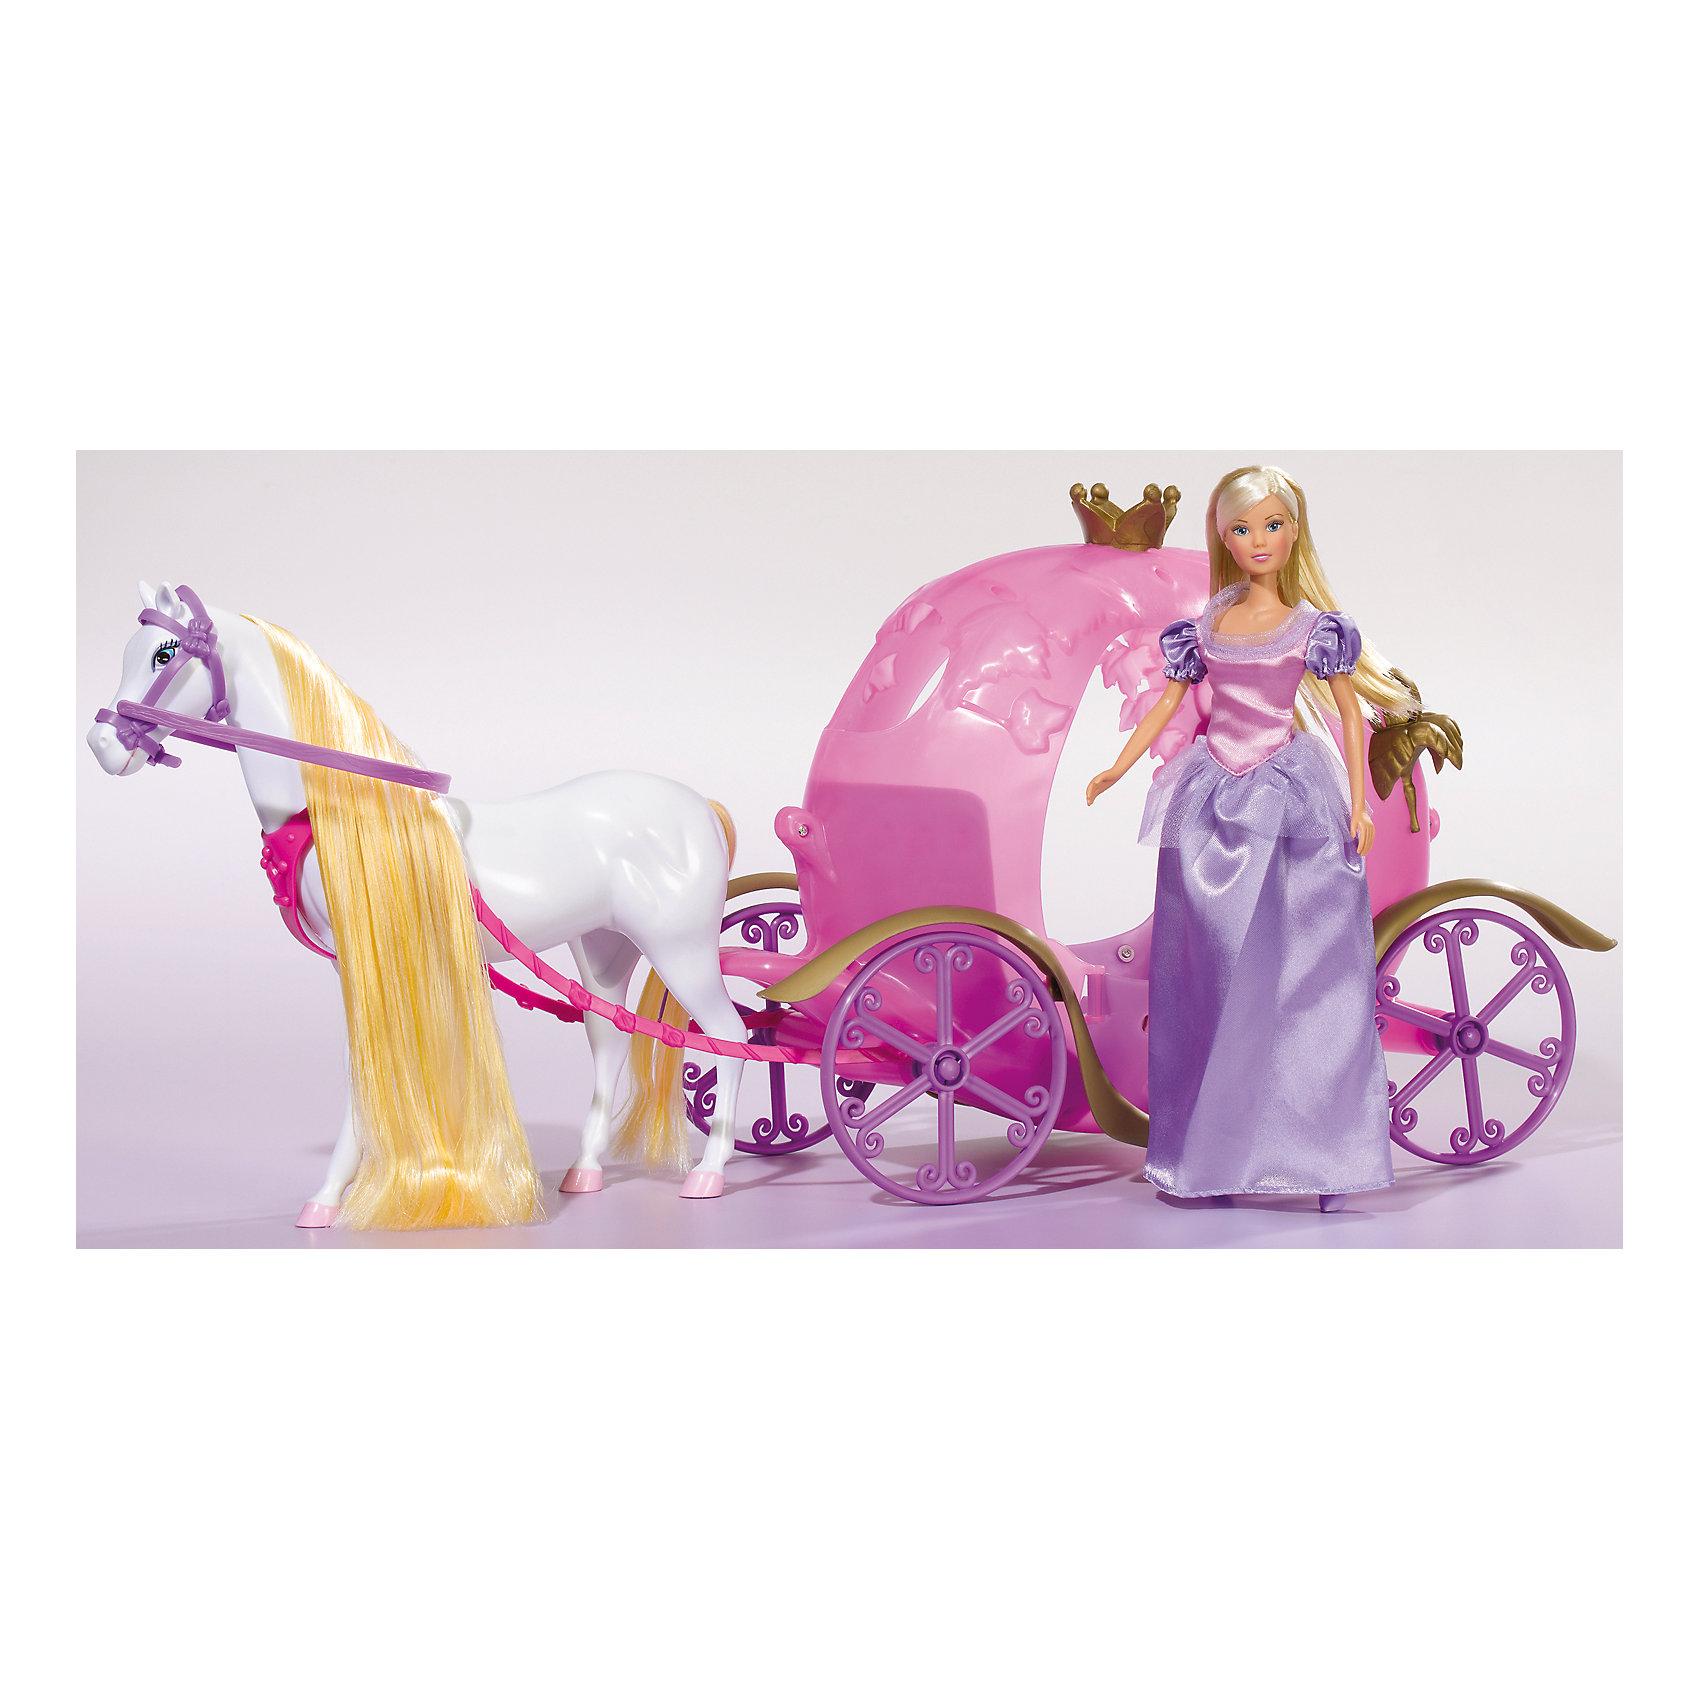 Кукла Штеффи и ее сказочная карета, SimbaХарактеристики товара:<br><br>- цвет: разноцветный;<br>- материал: пластик;<br>- возраст: от трех лет;<br>- комплектация: кукла, аксессуары, карета;<br>- высота куклы: 29 см.<br><br>Эта симпатичная кукла Штеффи от известного бренда не оставит девочку равнодушной! Какая девочка сможет отказаться поиграть с куклами, которые дополнены собственной каретой?! В набор входят аксессуары для игр с куклой. Игрушка очень качественно выполнена, поэтому она станет замечательным подарком ребенку. <br>Продается набор в красивой удобной упаковке. Игры с куклами помогают девочкам развить важные навыки и отработать модели социального взаимодействия. Изделие произведено из высококачественного материала, безопасного для детей.<br><br>Куклу Штеффи и ее сказочная карета от бренда Simba можно купить в нашем интернет-магазине.<br><br>Ширина мм: 200<br>Глубина мм: 600<br>Высота мм: 290<br>Вес г: 1639<br>Возраст от месяцев: 36<br>Возраст до месяцев: 72<br>Пол: Женский<br>Возраст: Детский<br>SKU: 2429675